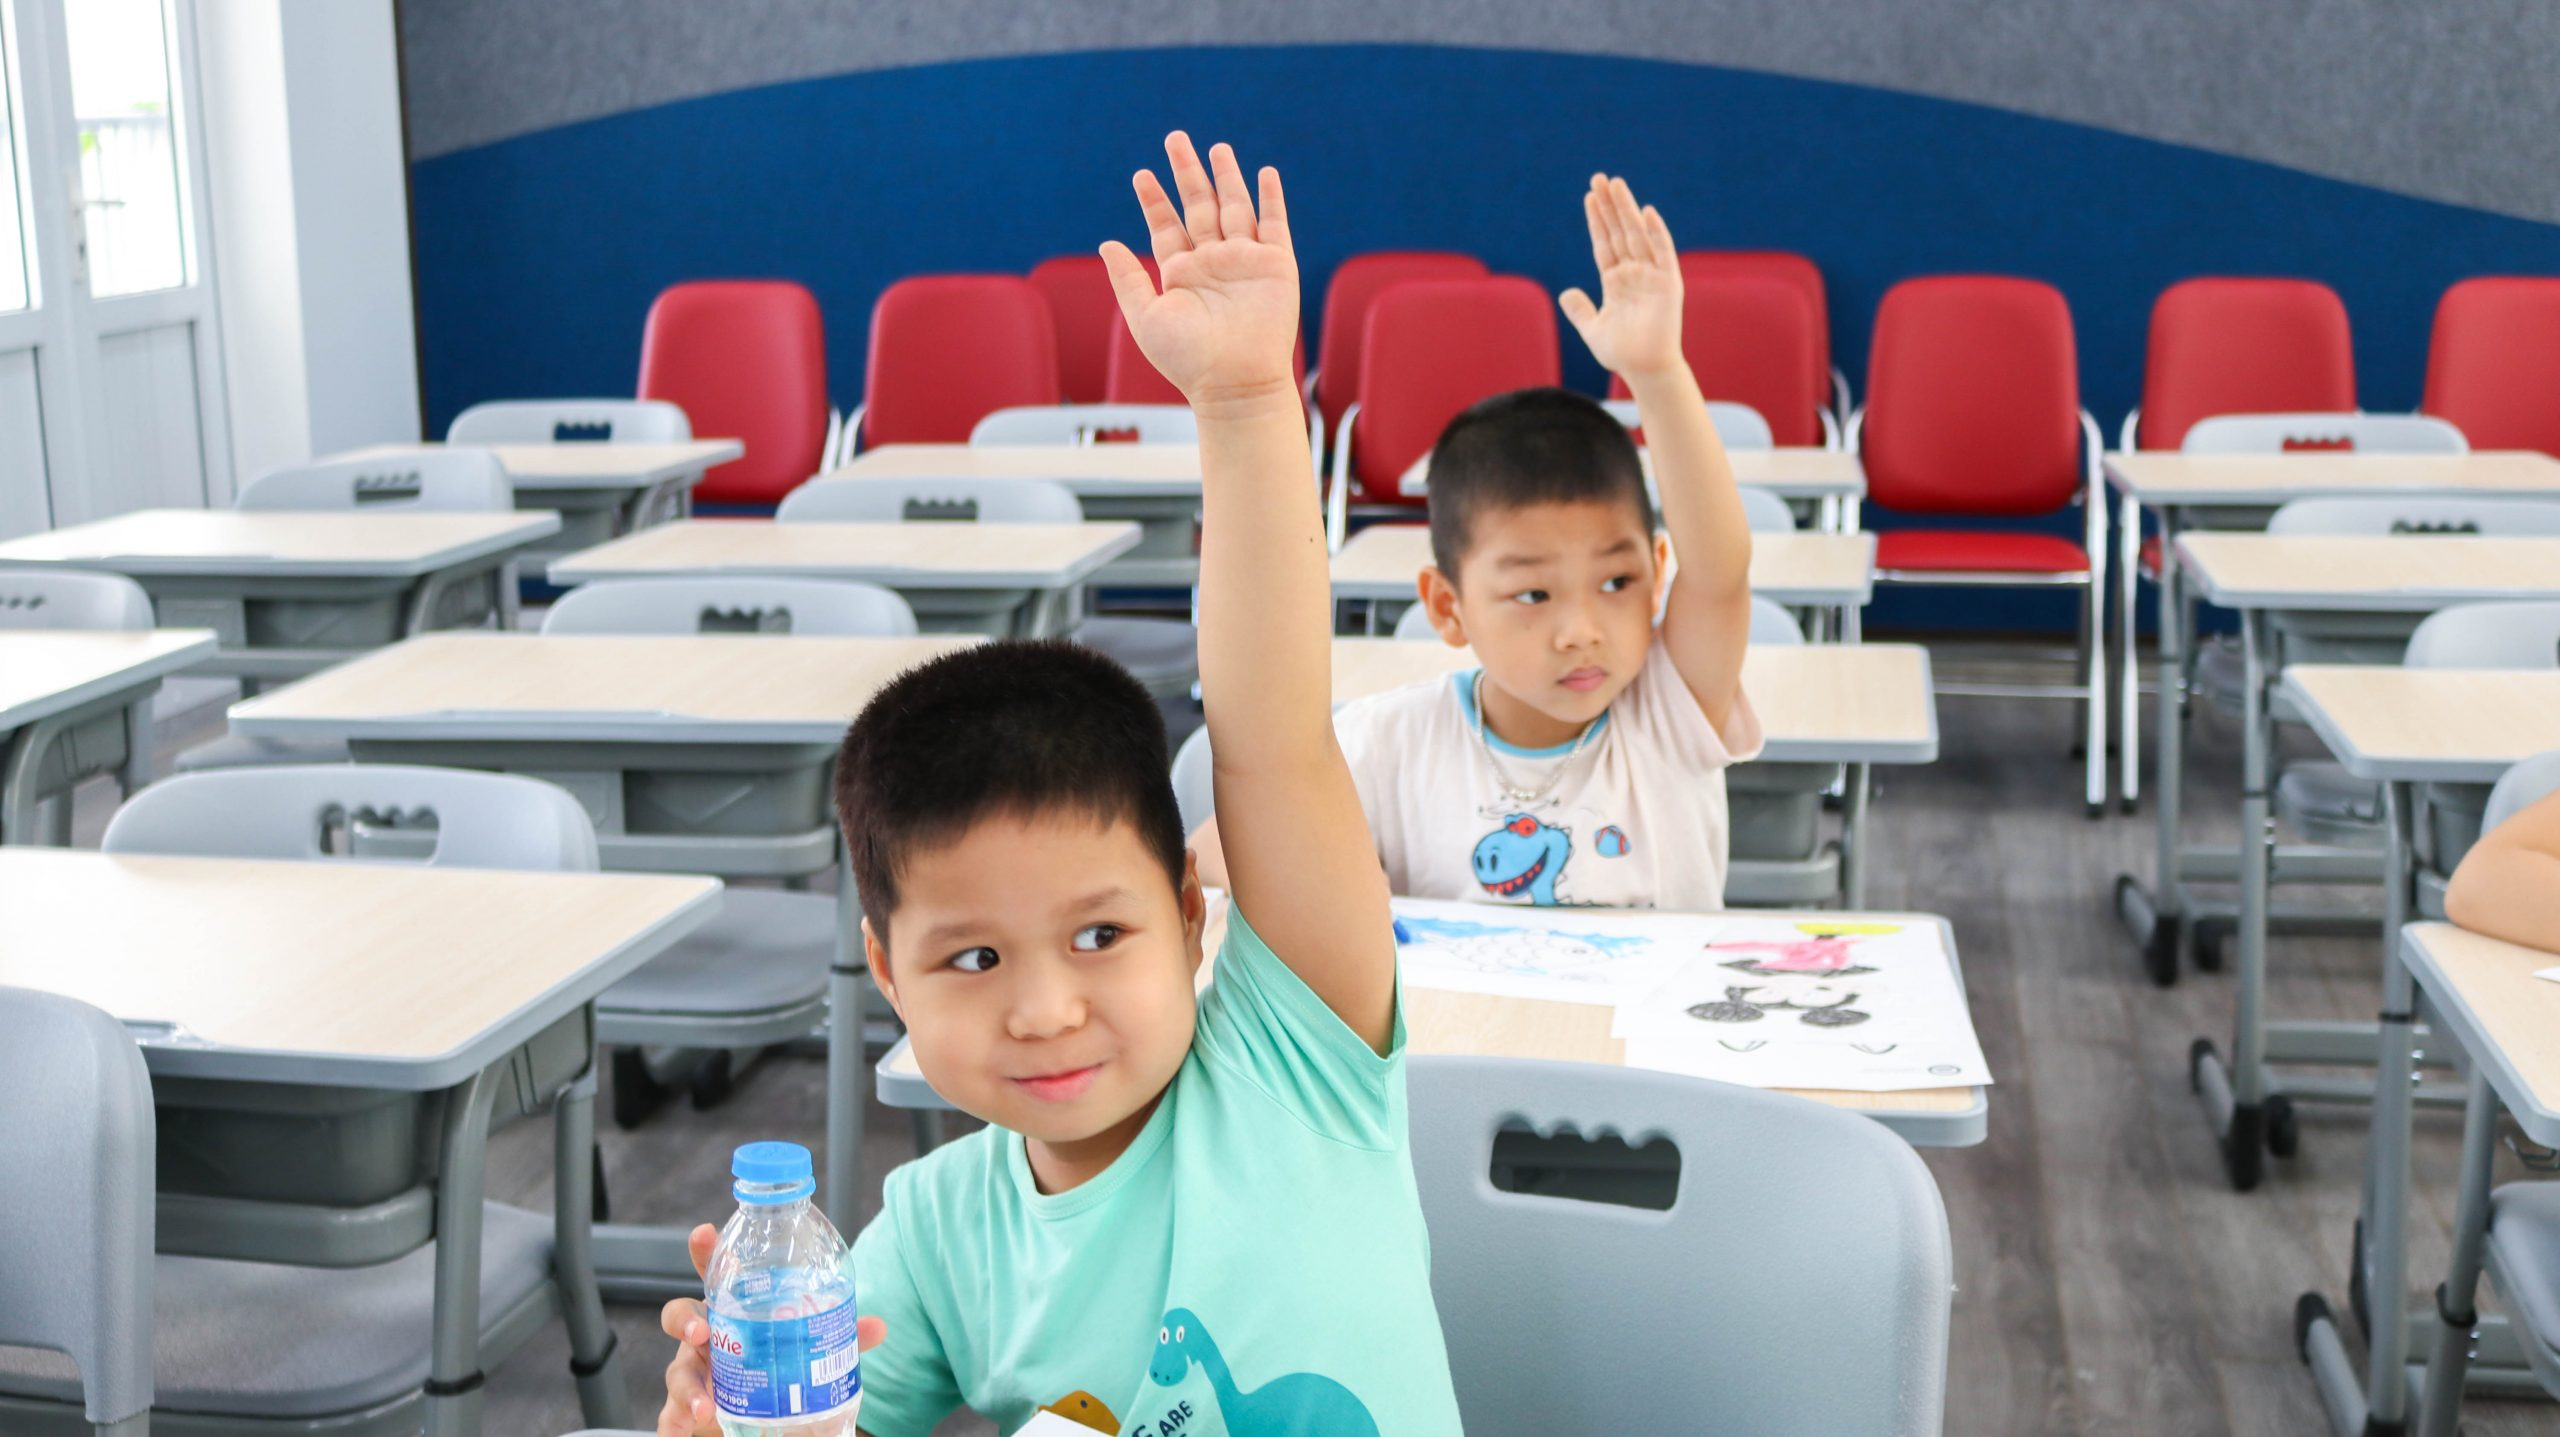 TIMES SCHOOL TRIỂN KHAI LỚP HỌC ĐỒNG KIẾN TẠO NHƯ THẾ NÀO?